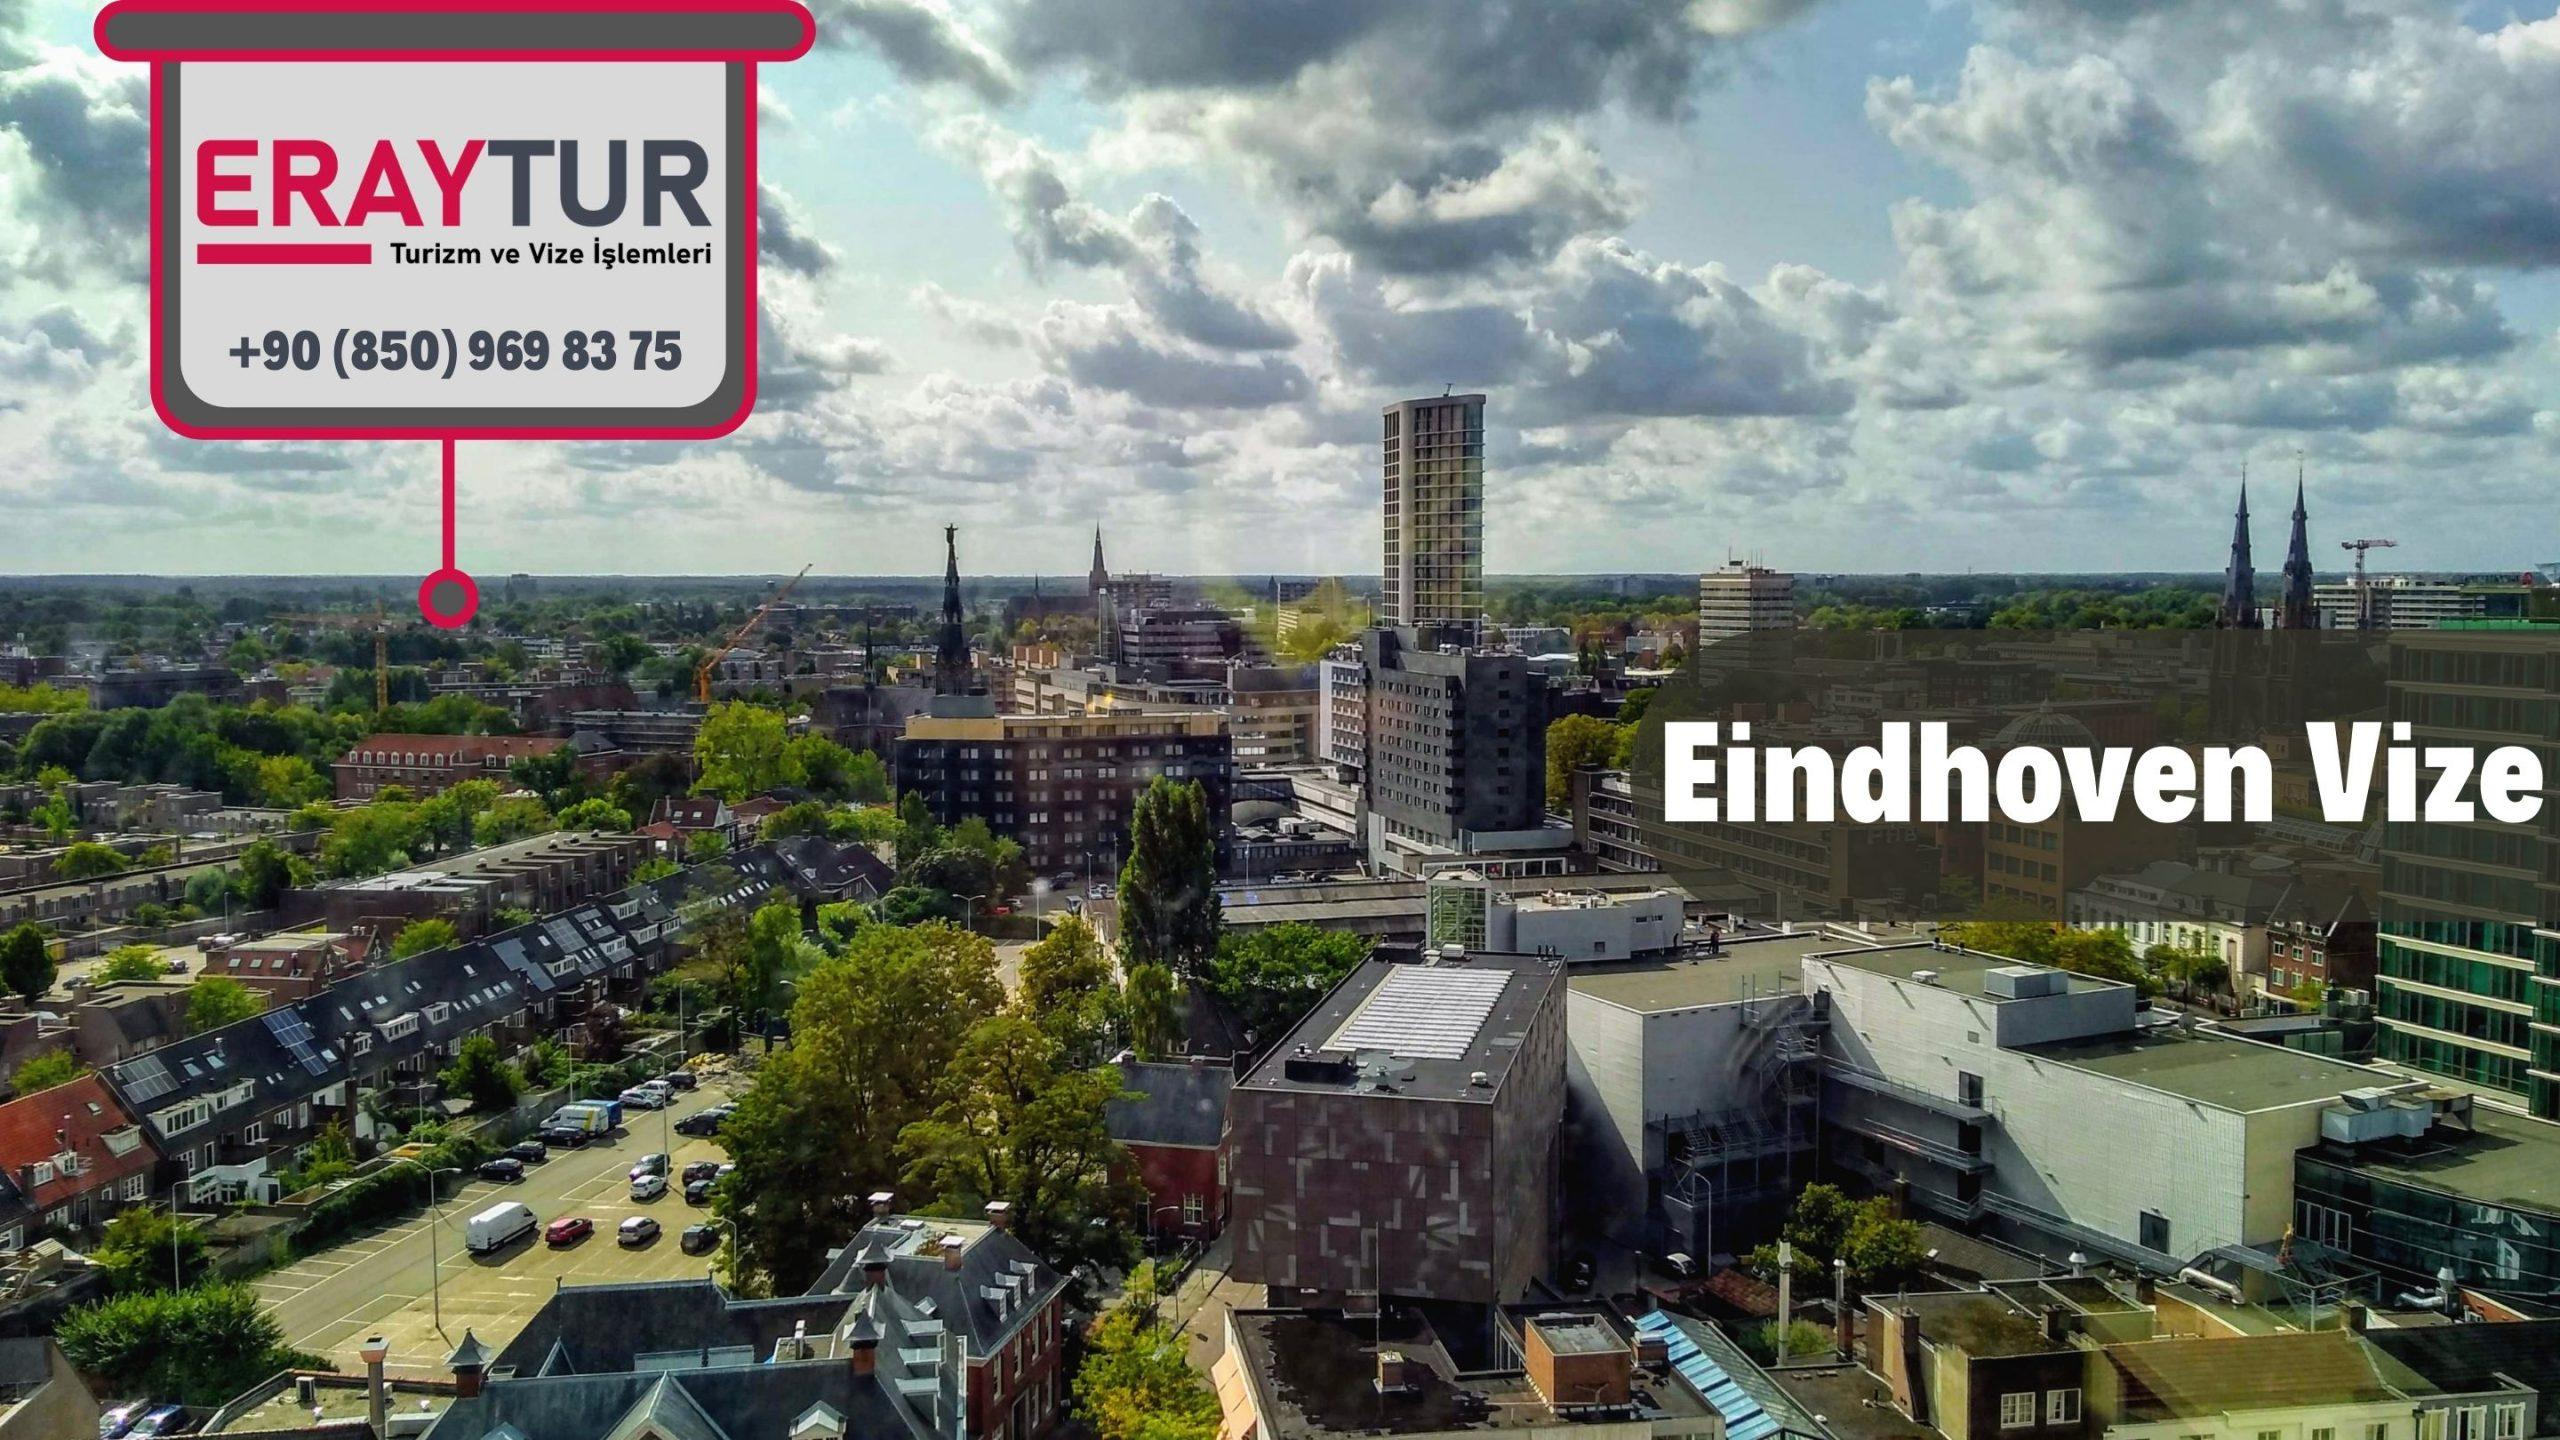 Eindhoven Vize 1 – eindhoven vize scaled